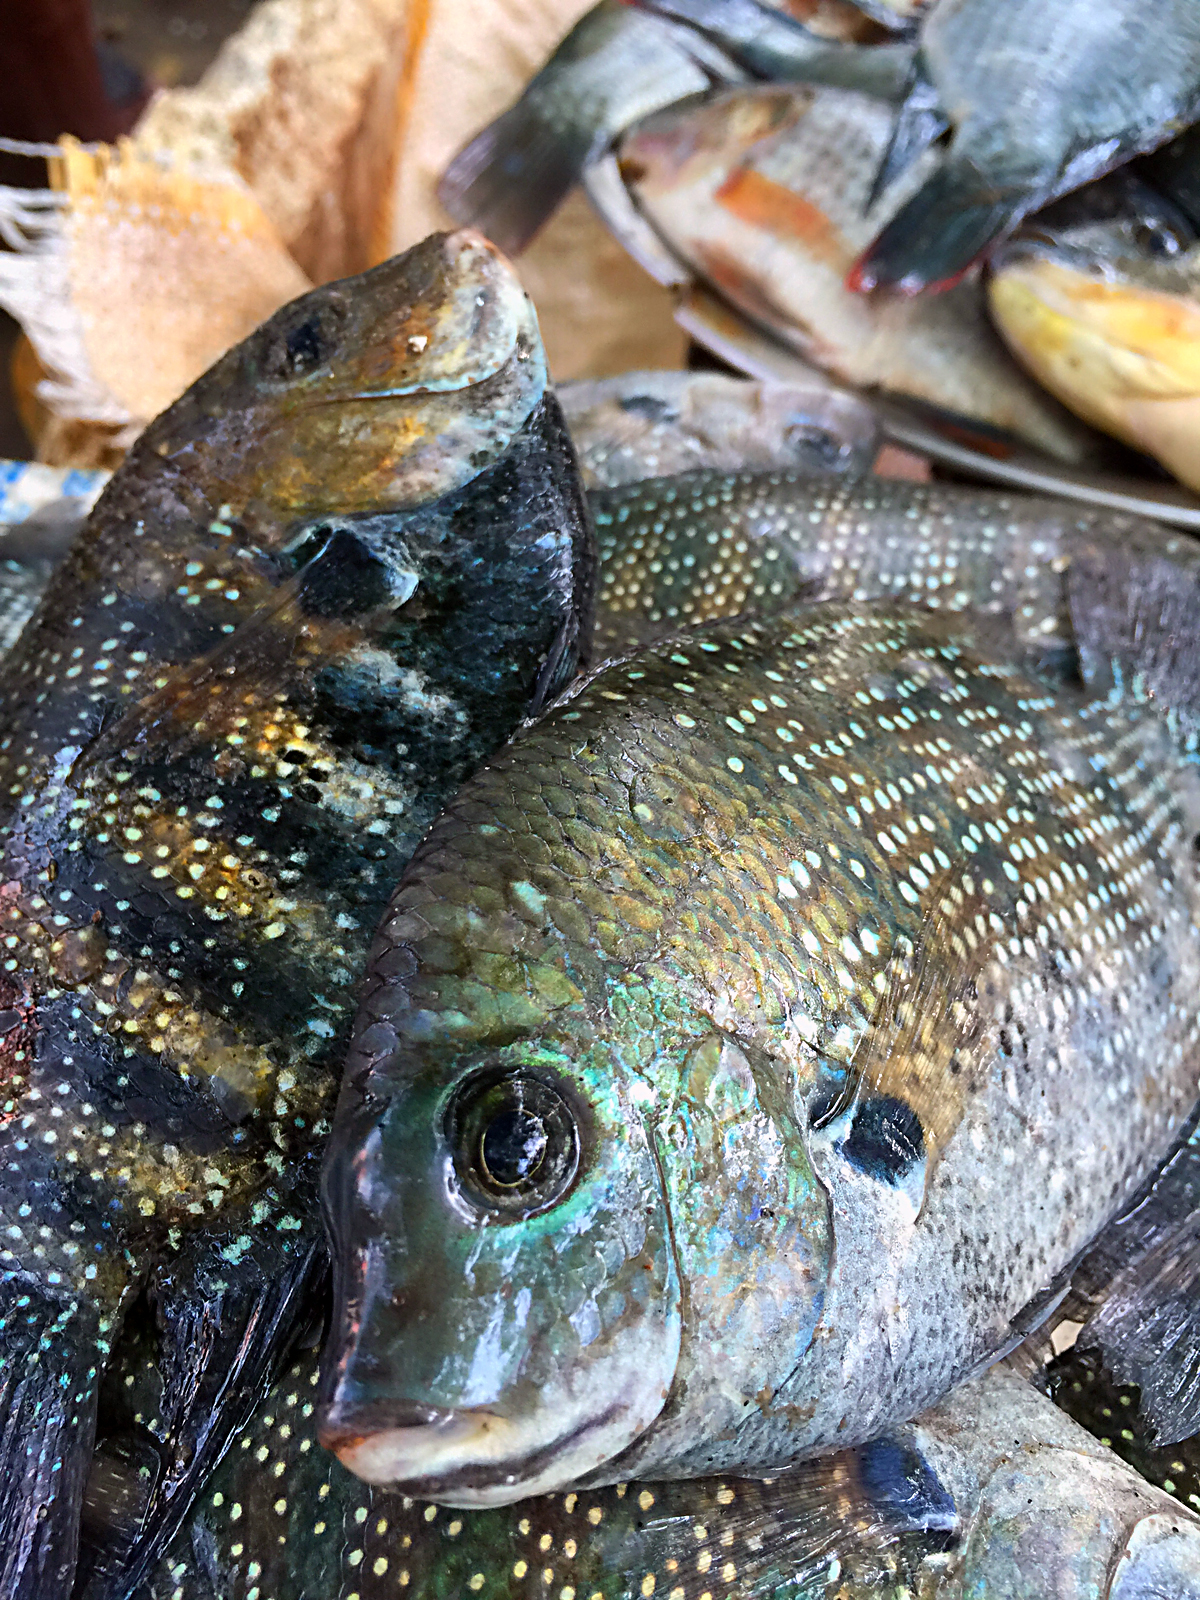 INDIEN Cochin Kerala Menschen Fischmarkt FINEST-onTour 2336.jpg